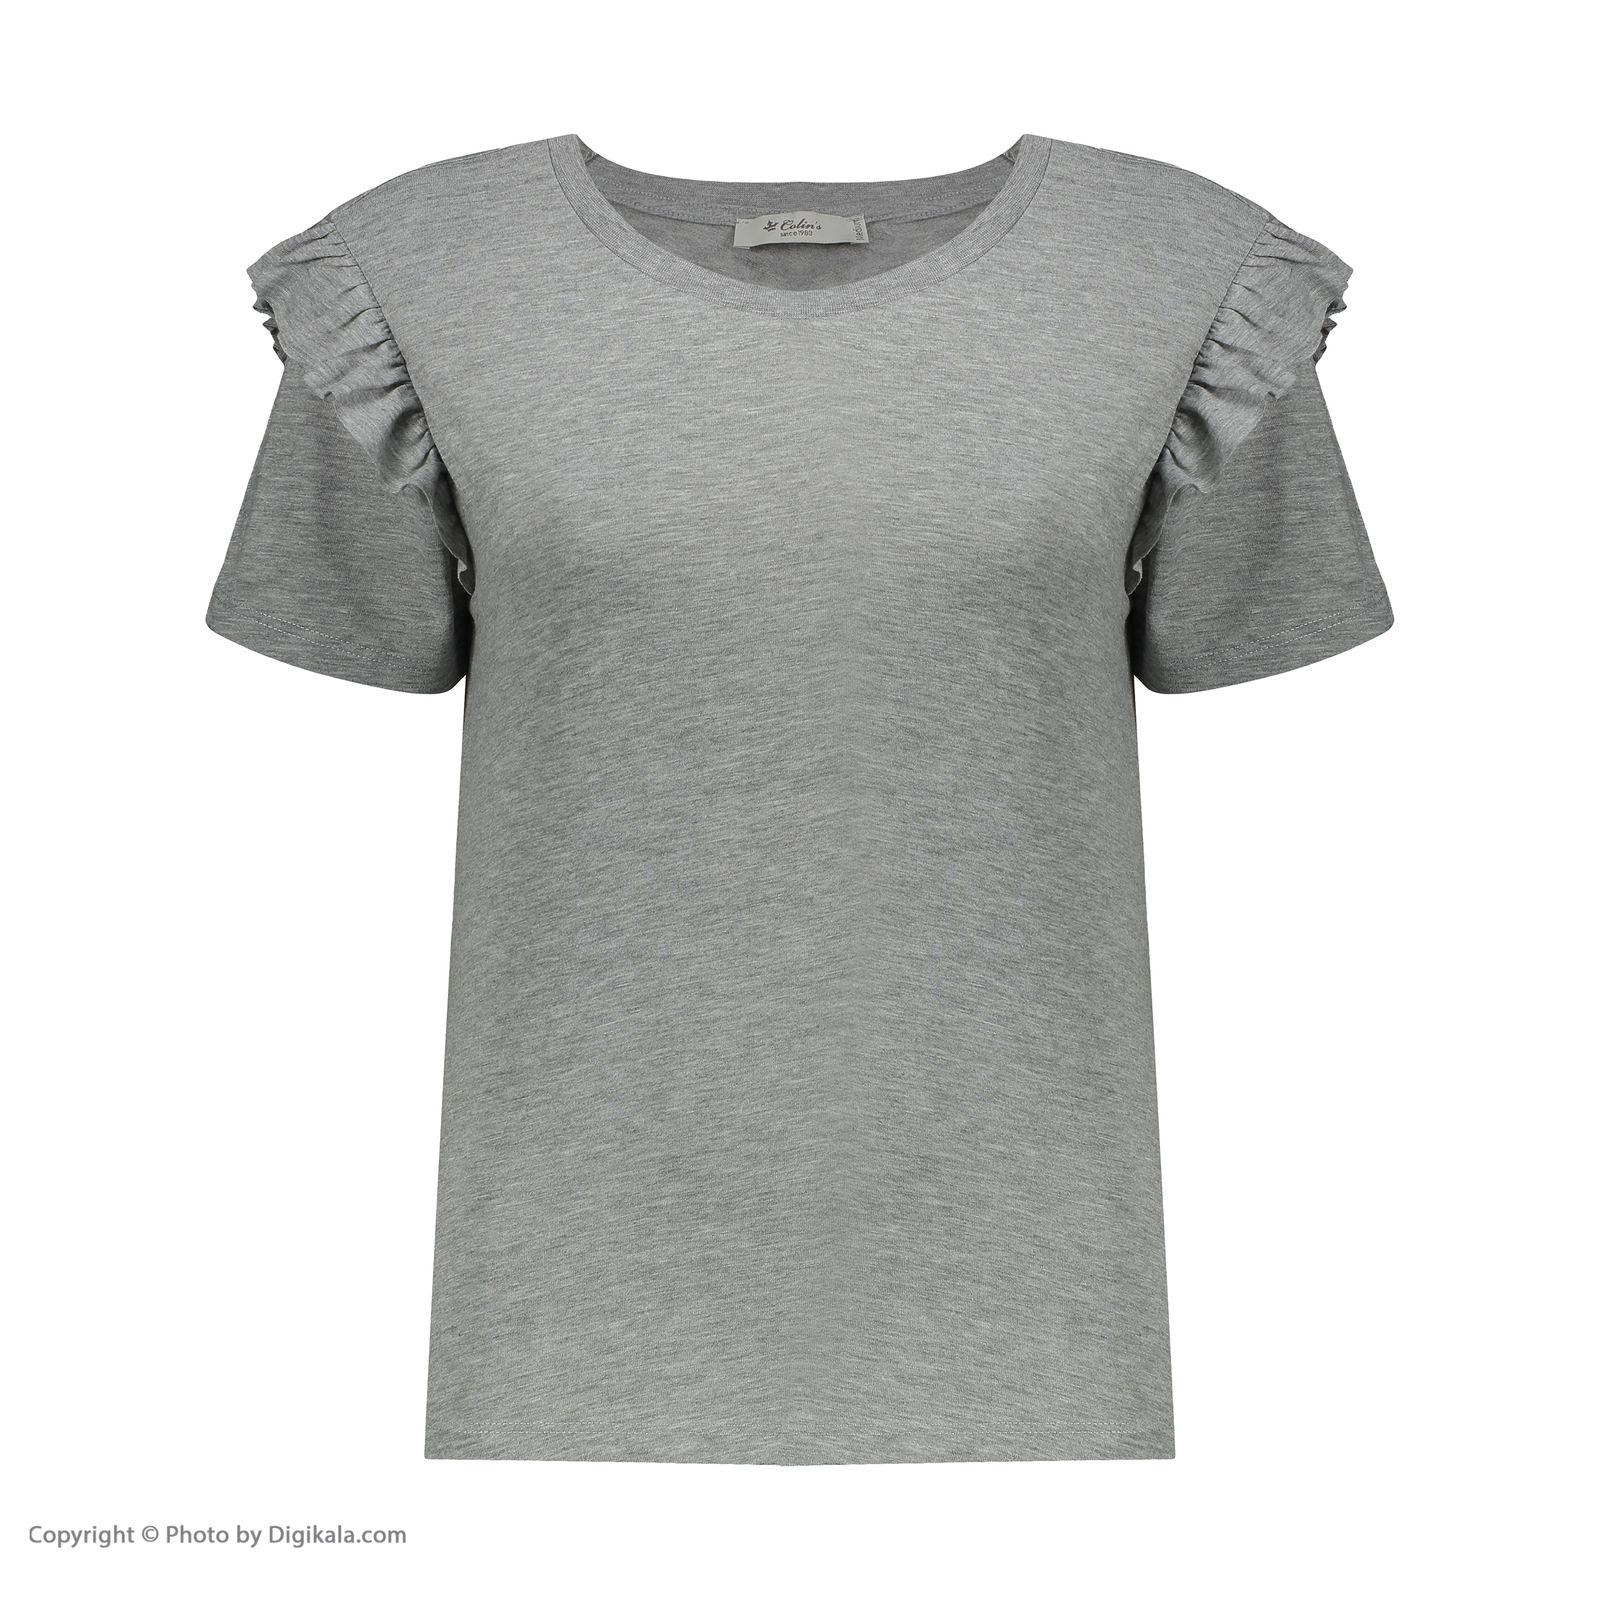 تی شرت زنانه کالینز مدل CL1031960-GREYMELANGE main 1 1